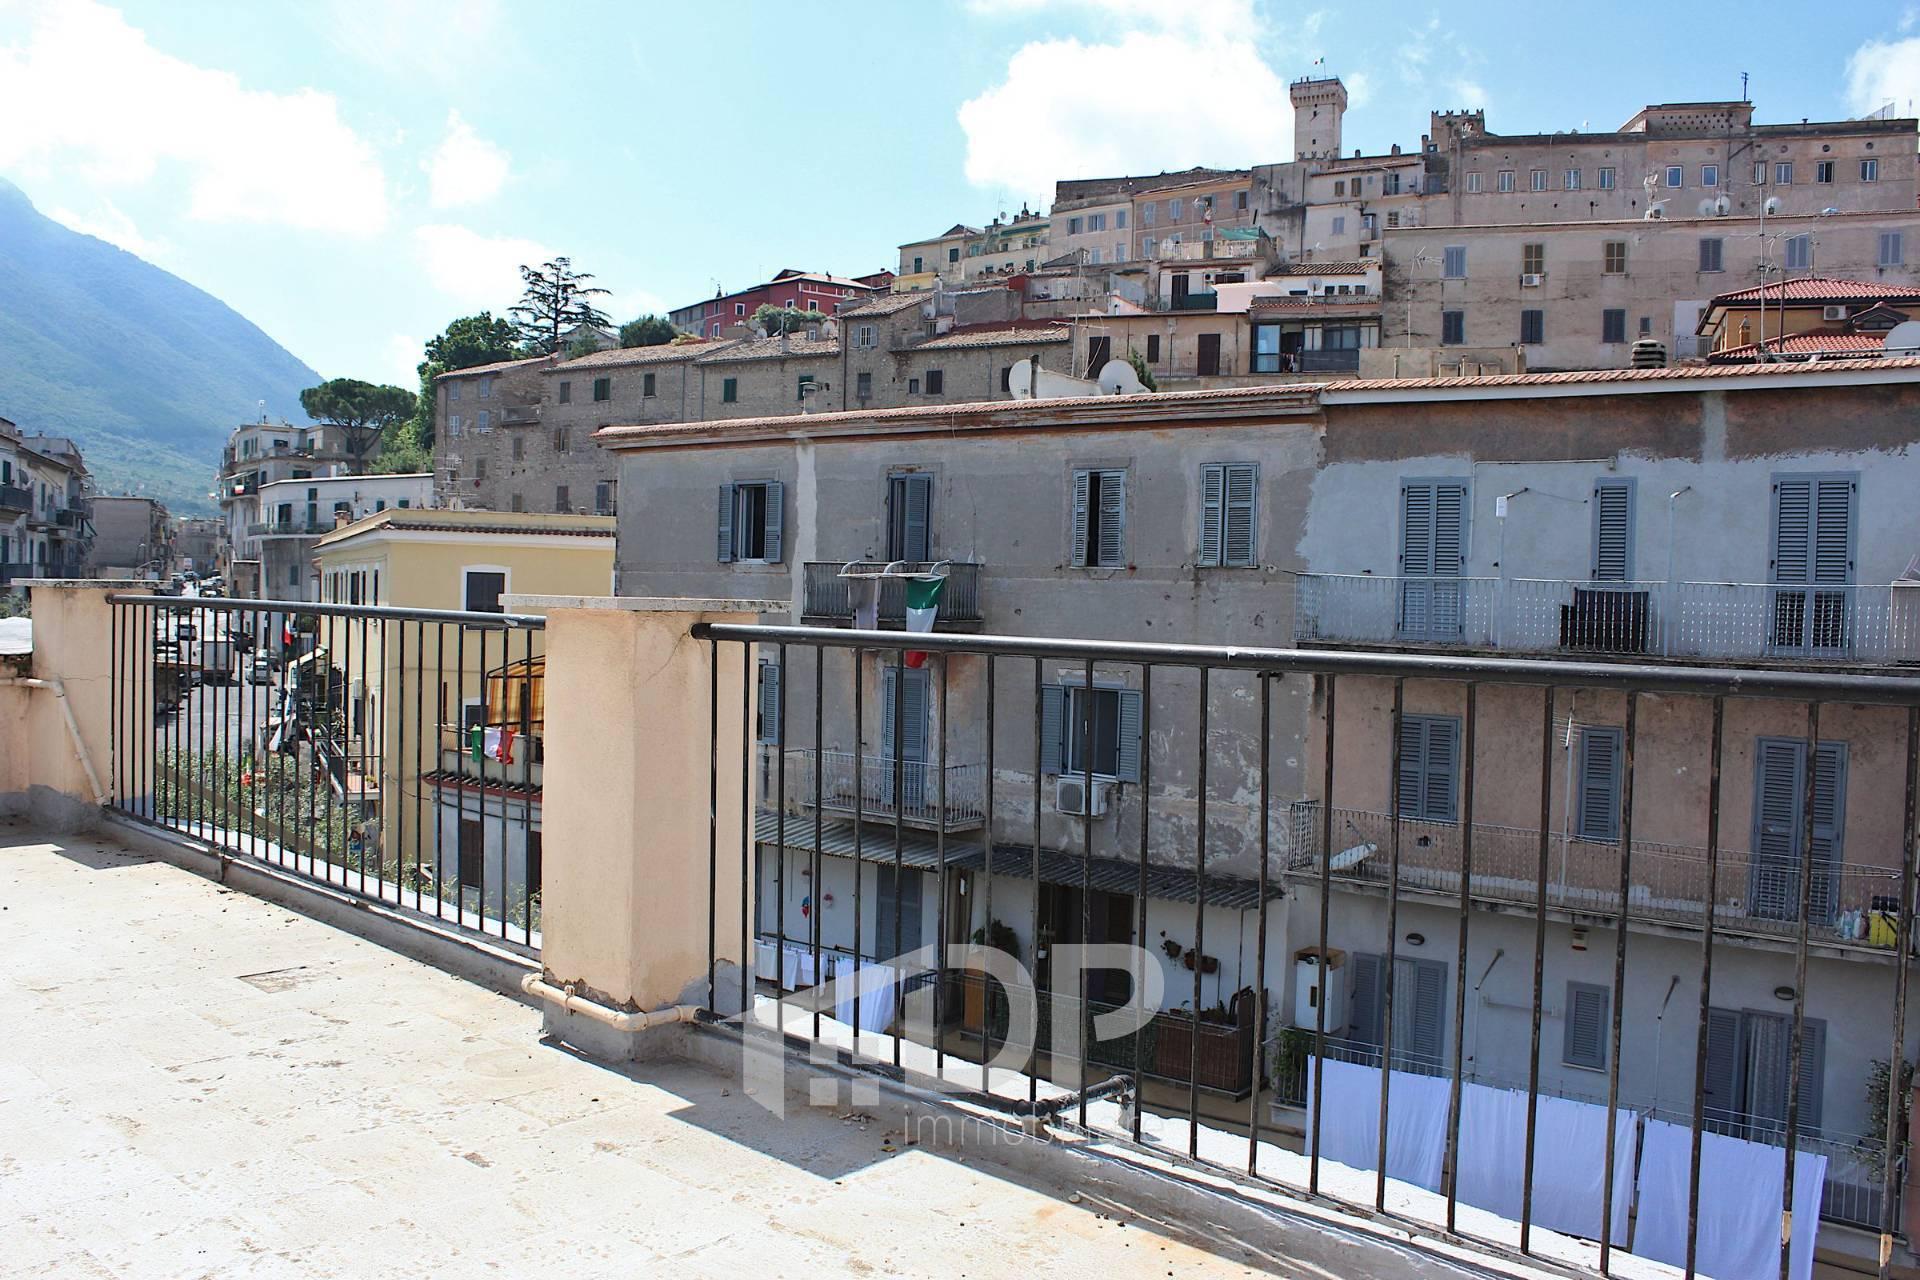 Appartamento in vendita a Palombara Sabina, 3 locali, zona Località: Semicentrale, prezzo € 63.000 | PortaleAgenzieImmobiliari.it